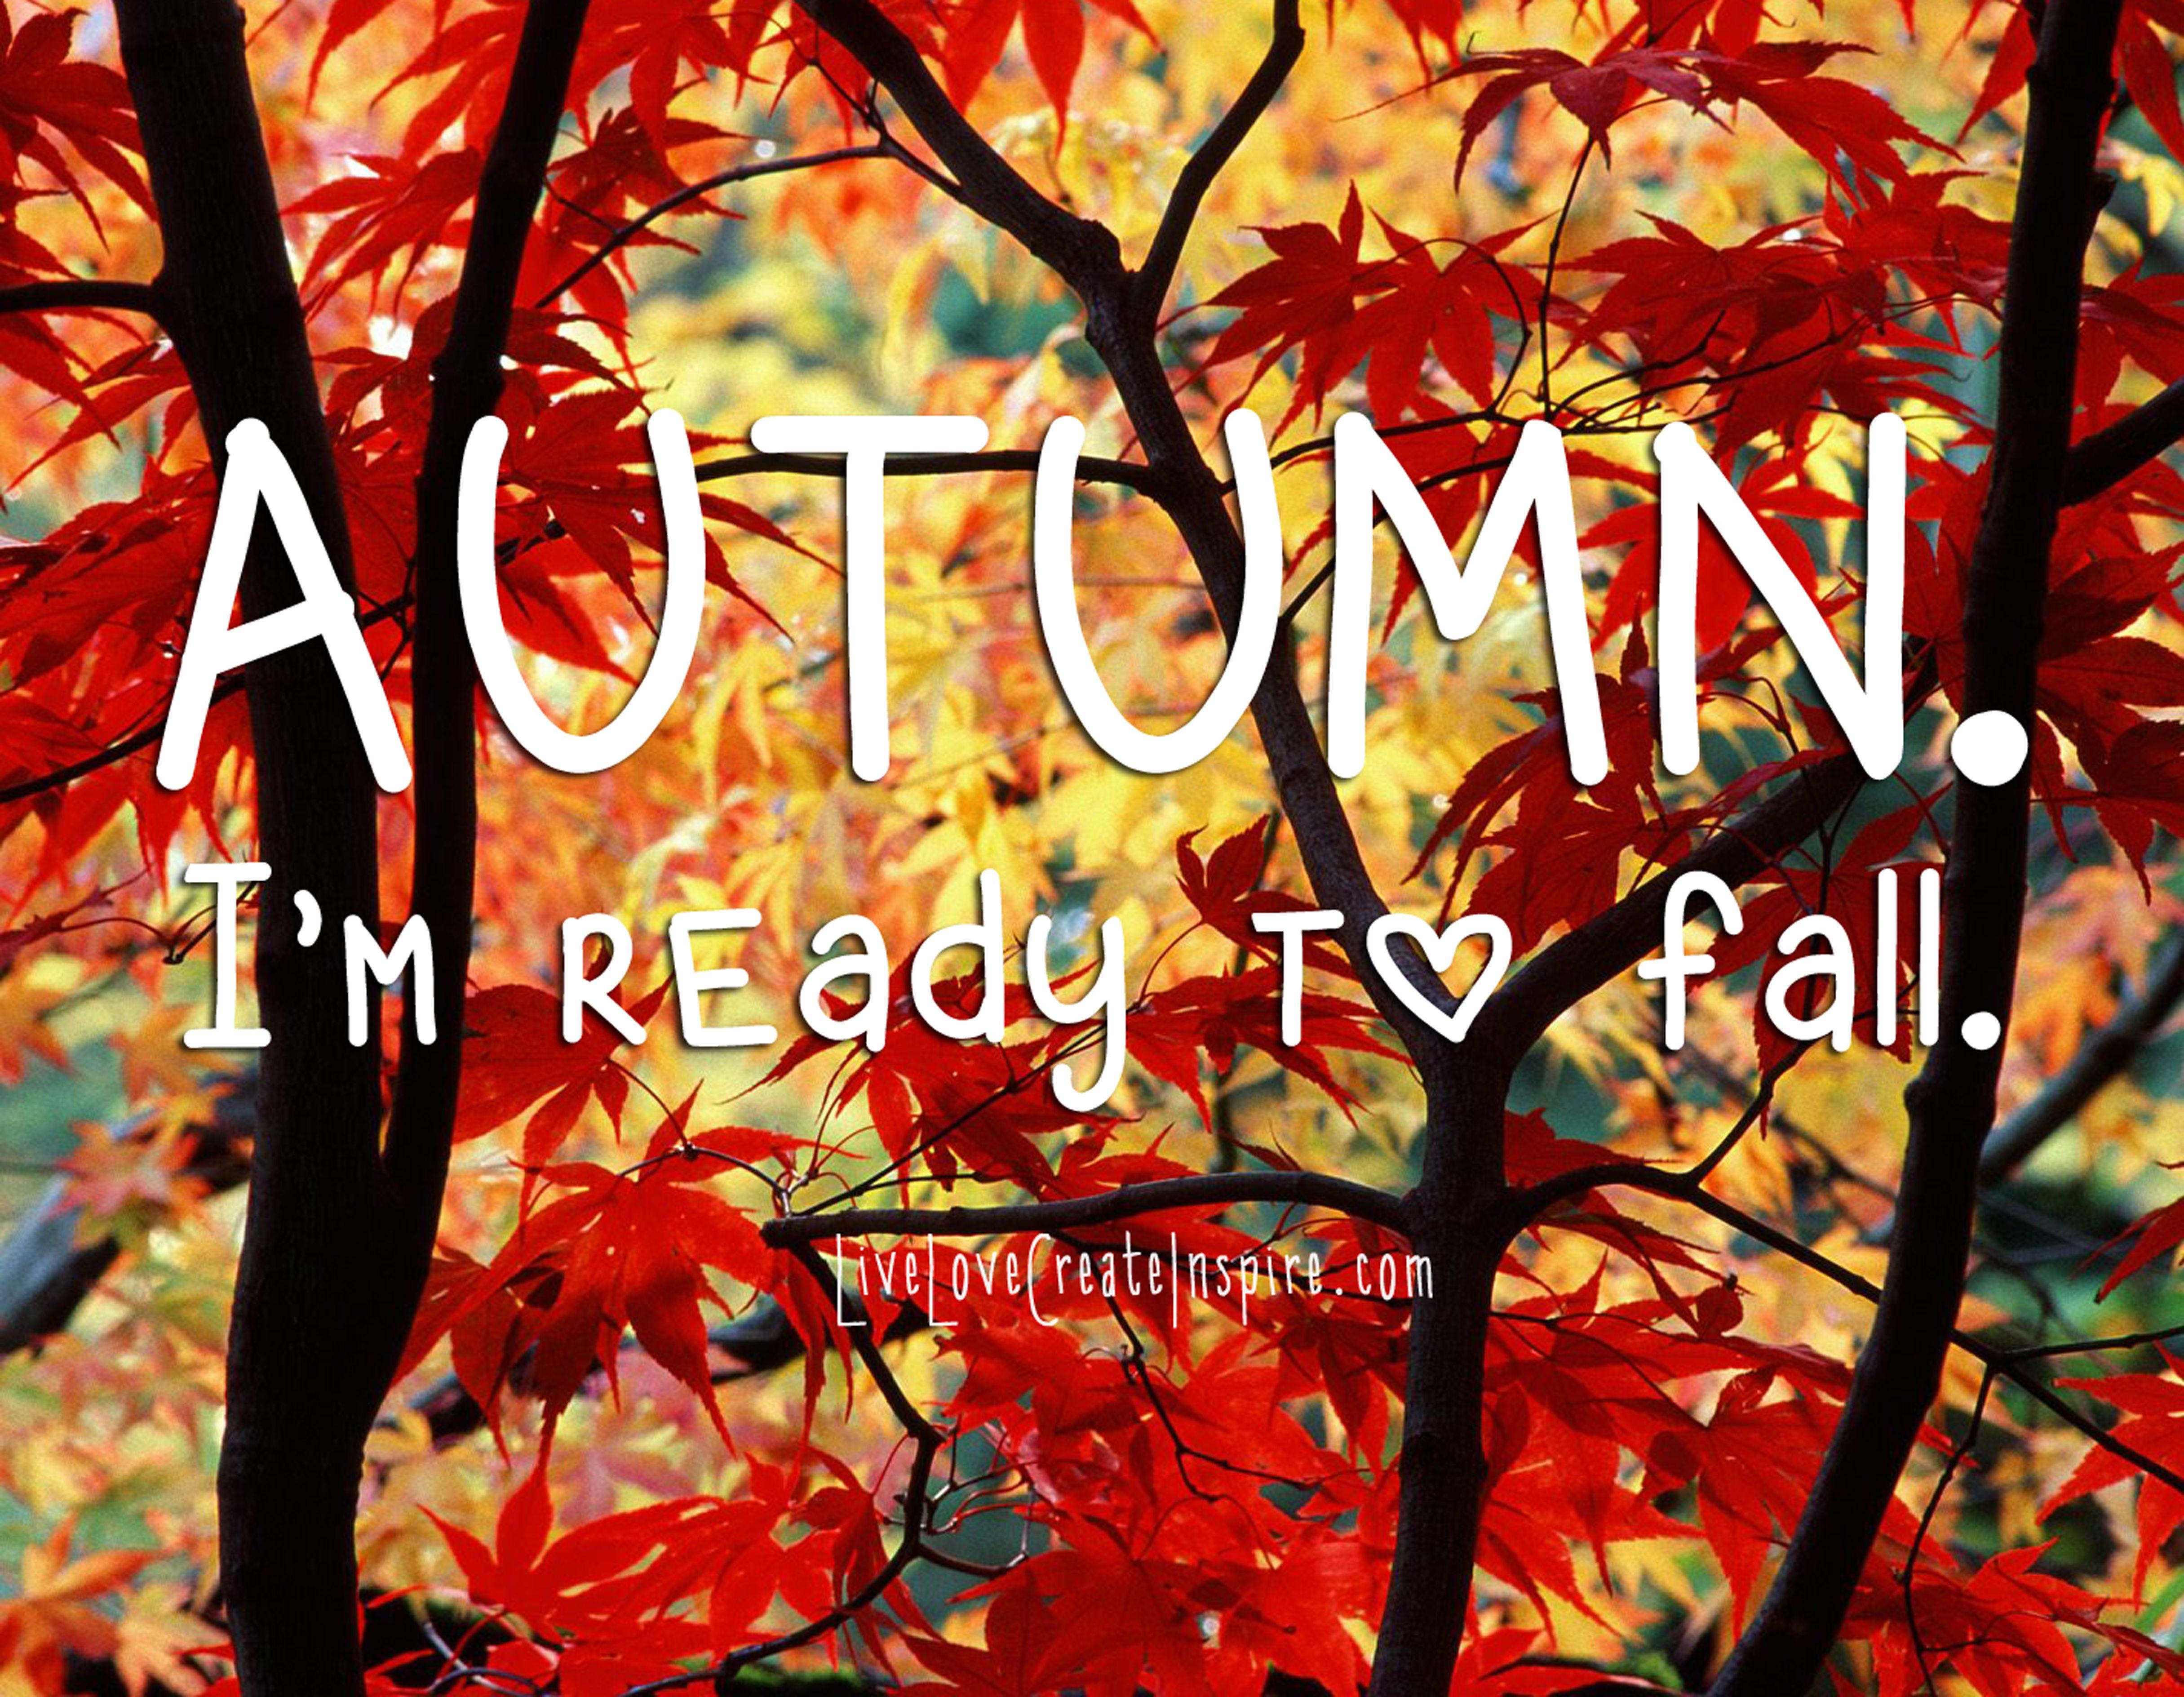 Autumn, Iu0027m Ready To Fall Autumn Fall Fall Quotes Hello Fall Hello Autumn  Fall Images